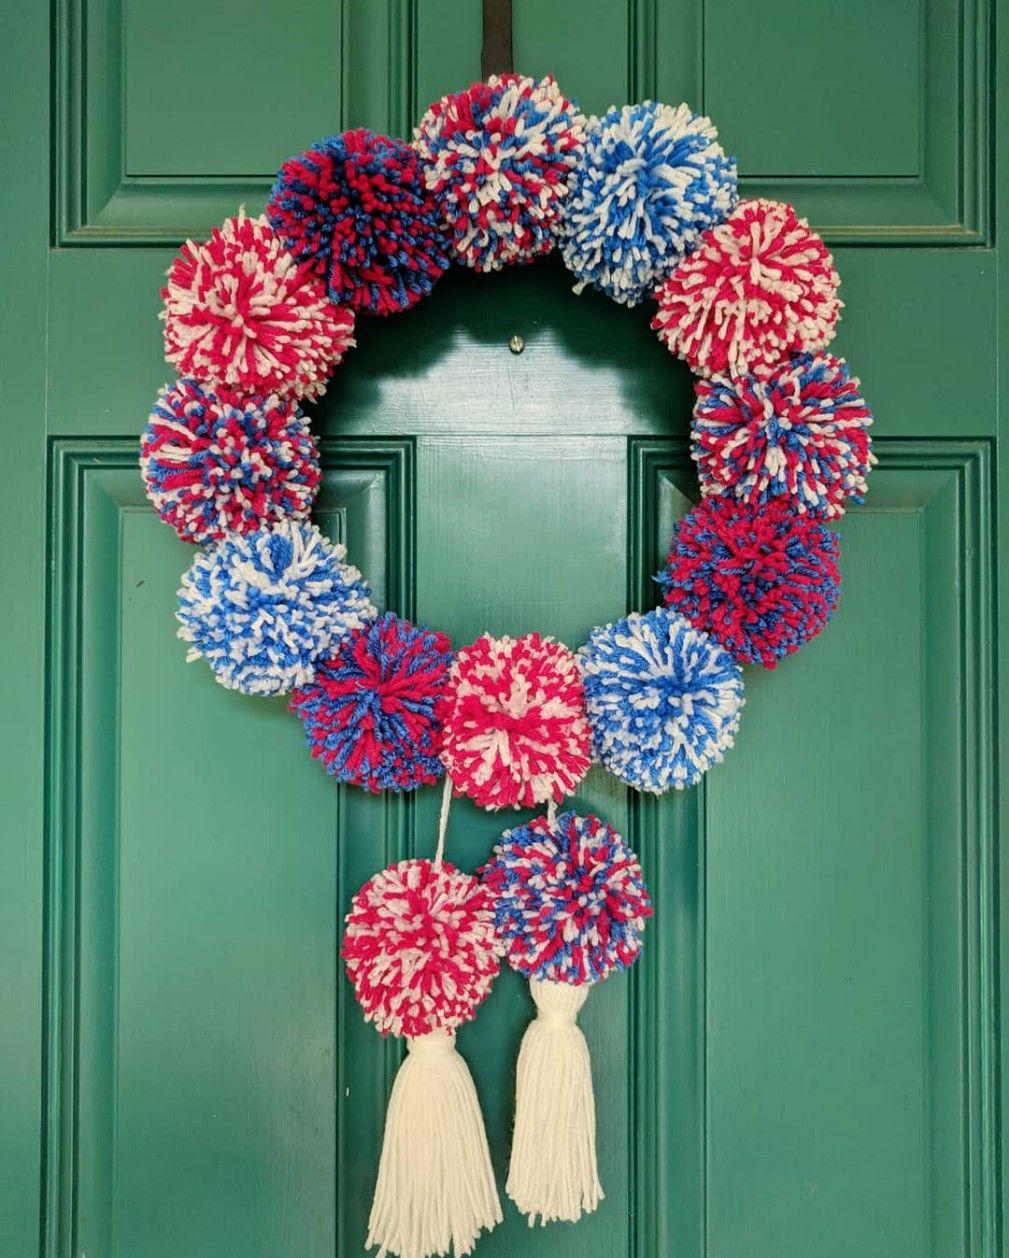 4th of July Wreath Patriotic Pompom Wreath Pompom Wreath Patriotic Wreath Red White and Blue Pompom Wreath Americana Wreath